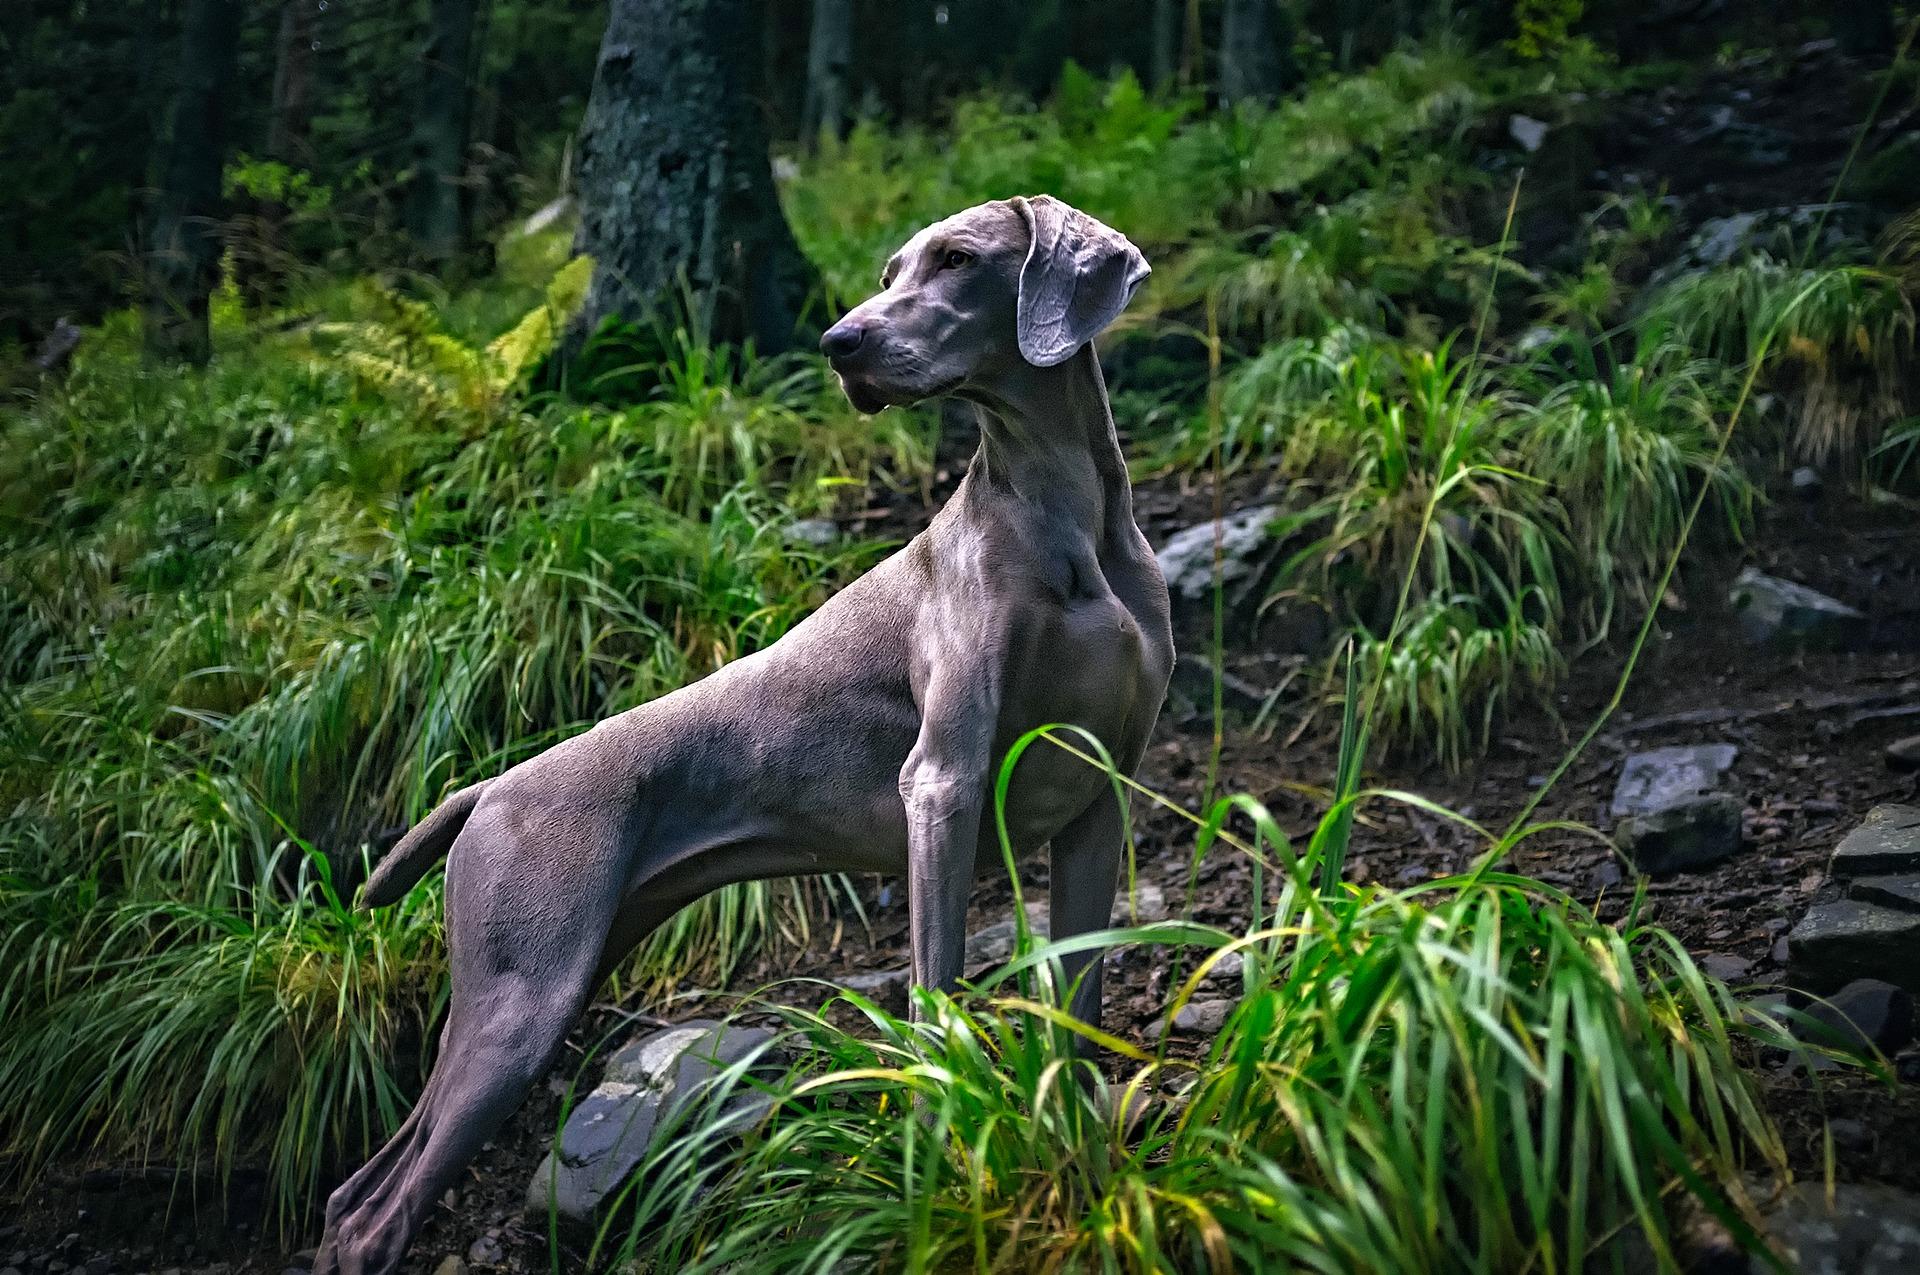 Wyżeł weimarski: arystokrata psów łowieckich